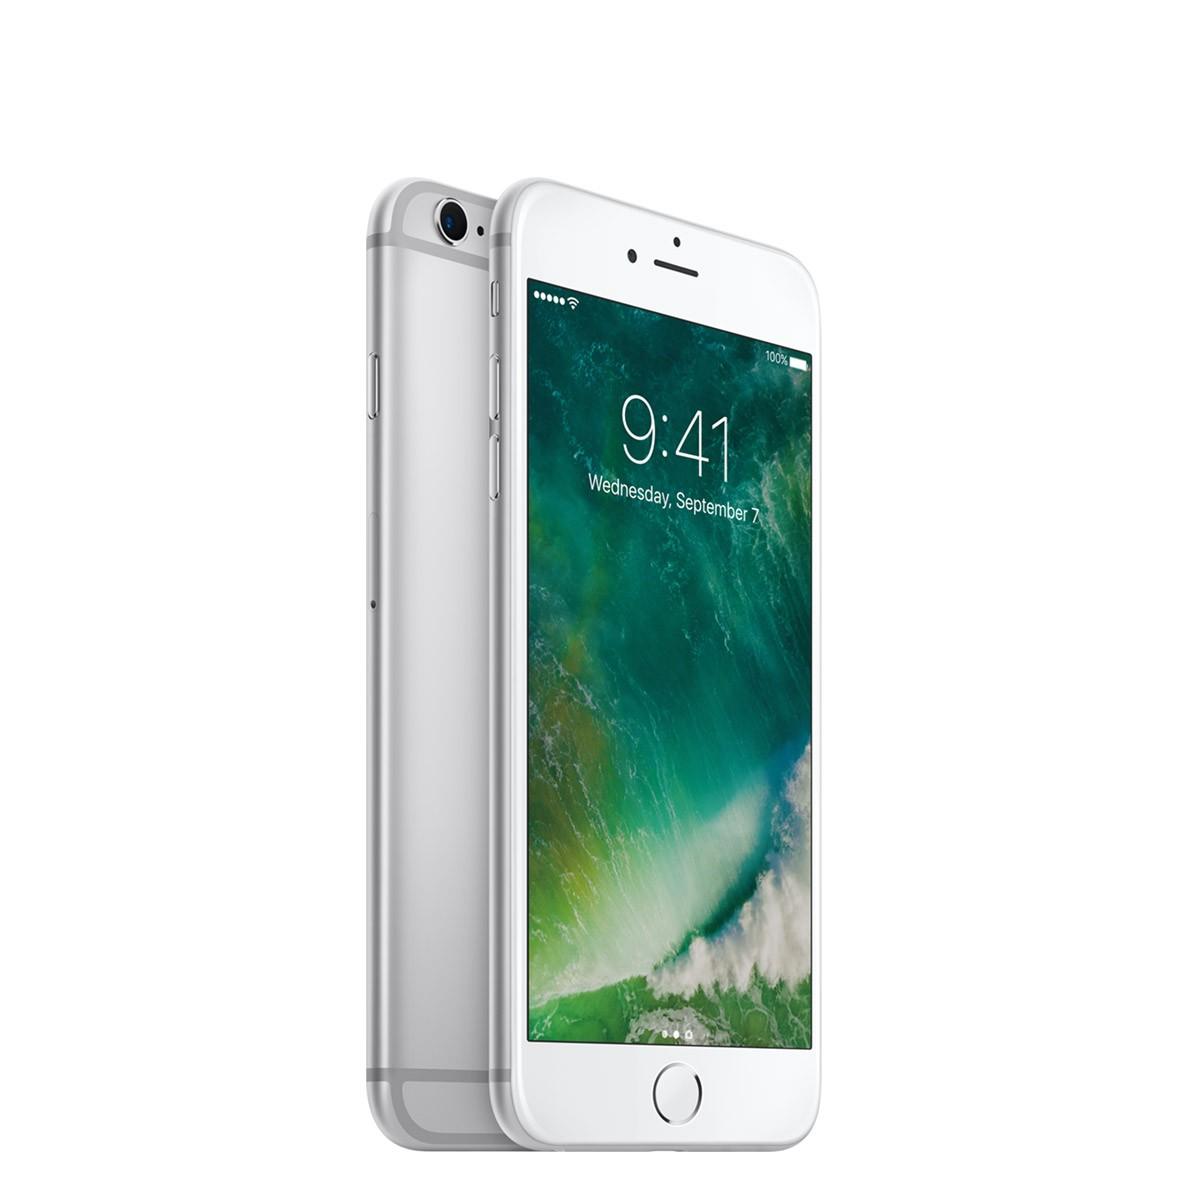 Смартфон Apple iPhone 6s с 32 GB памет, 12.0 MPx камера, 4G връзка и 3D Multi-Touch технология - сребрист цвят